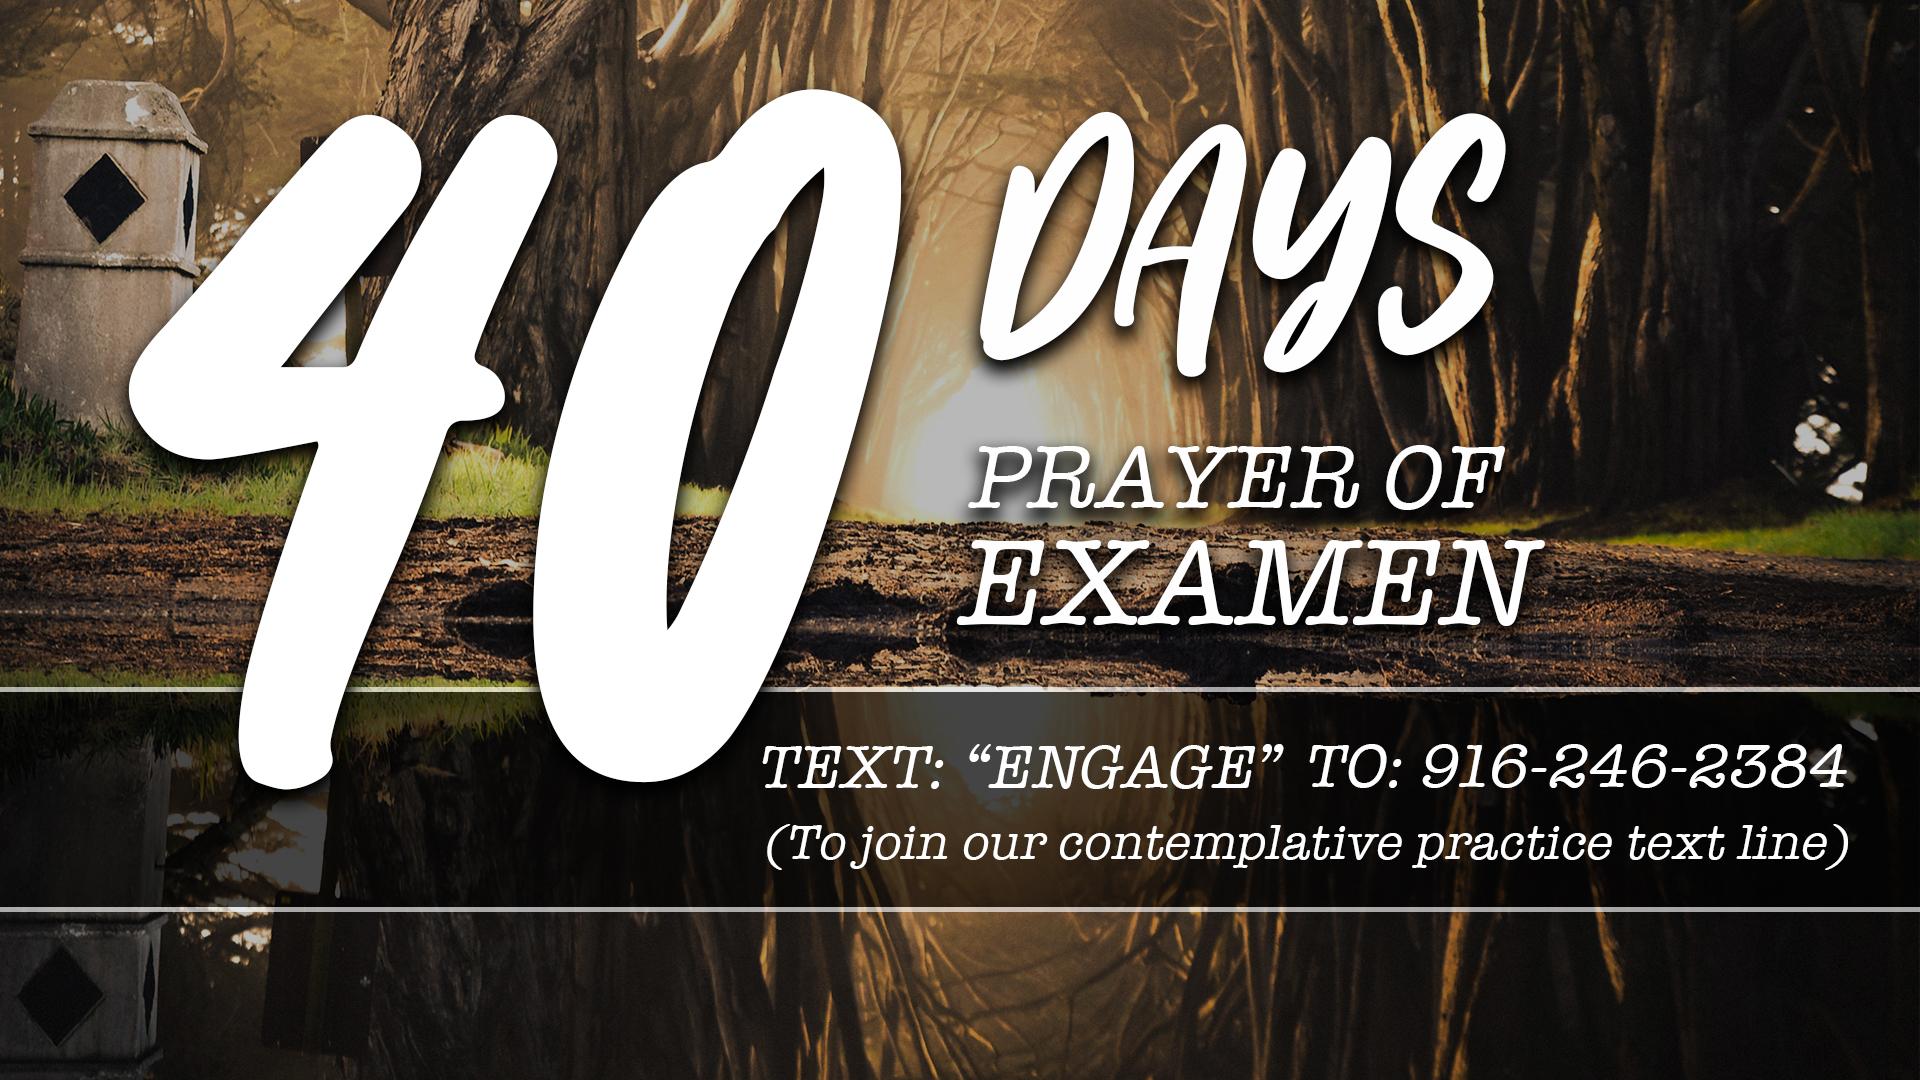 40 Day Examen Contemplative Prayer